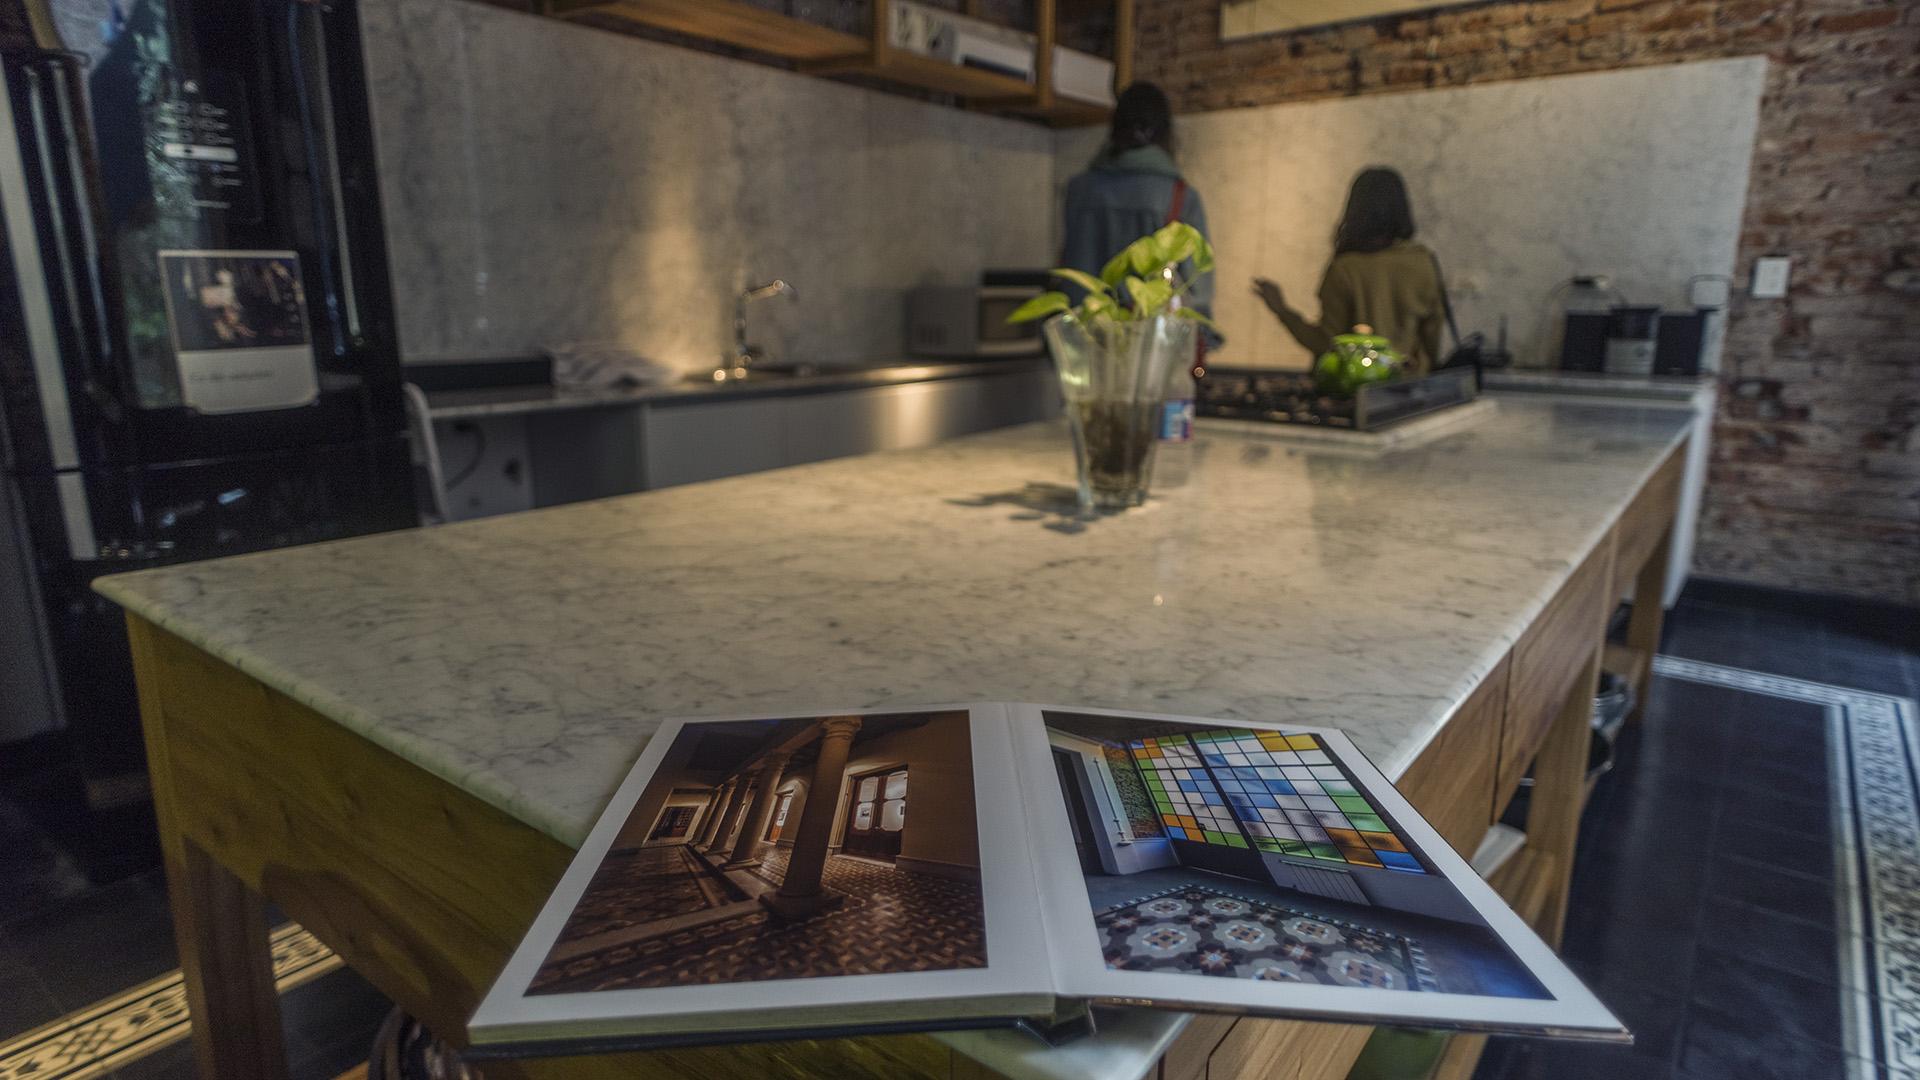 El desafío de los arquitectos fue reorganizar la vivienda adaptándola a las necesidades del comitente recuperando el espíritu original de la construcción